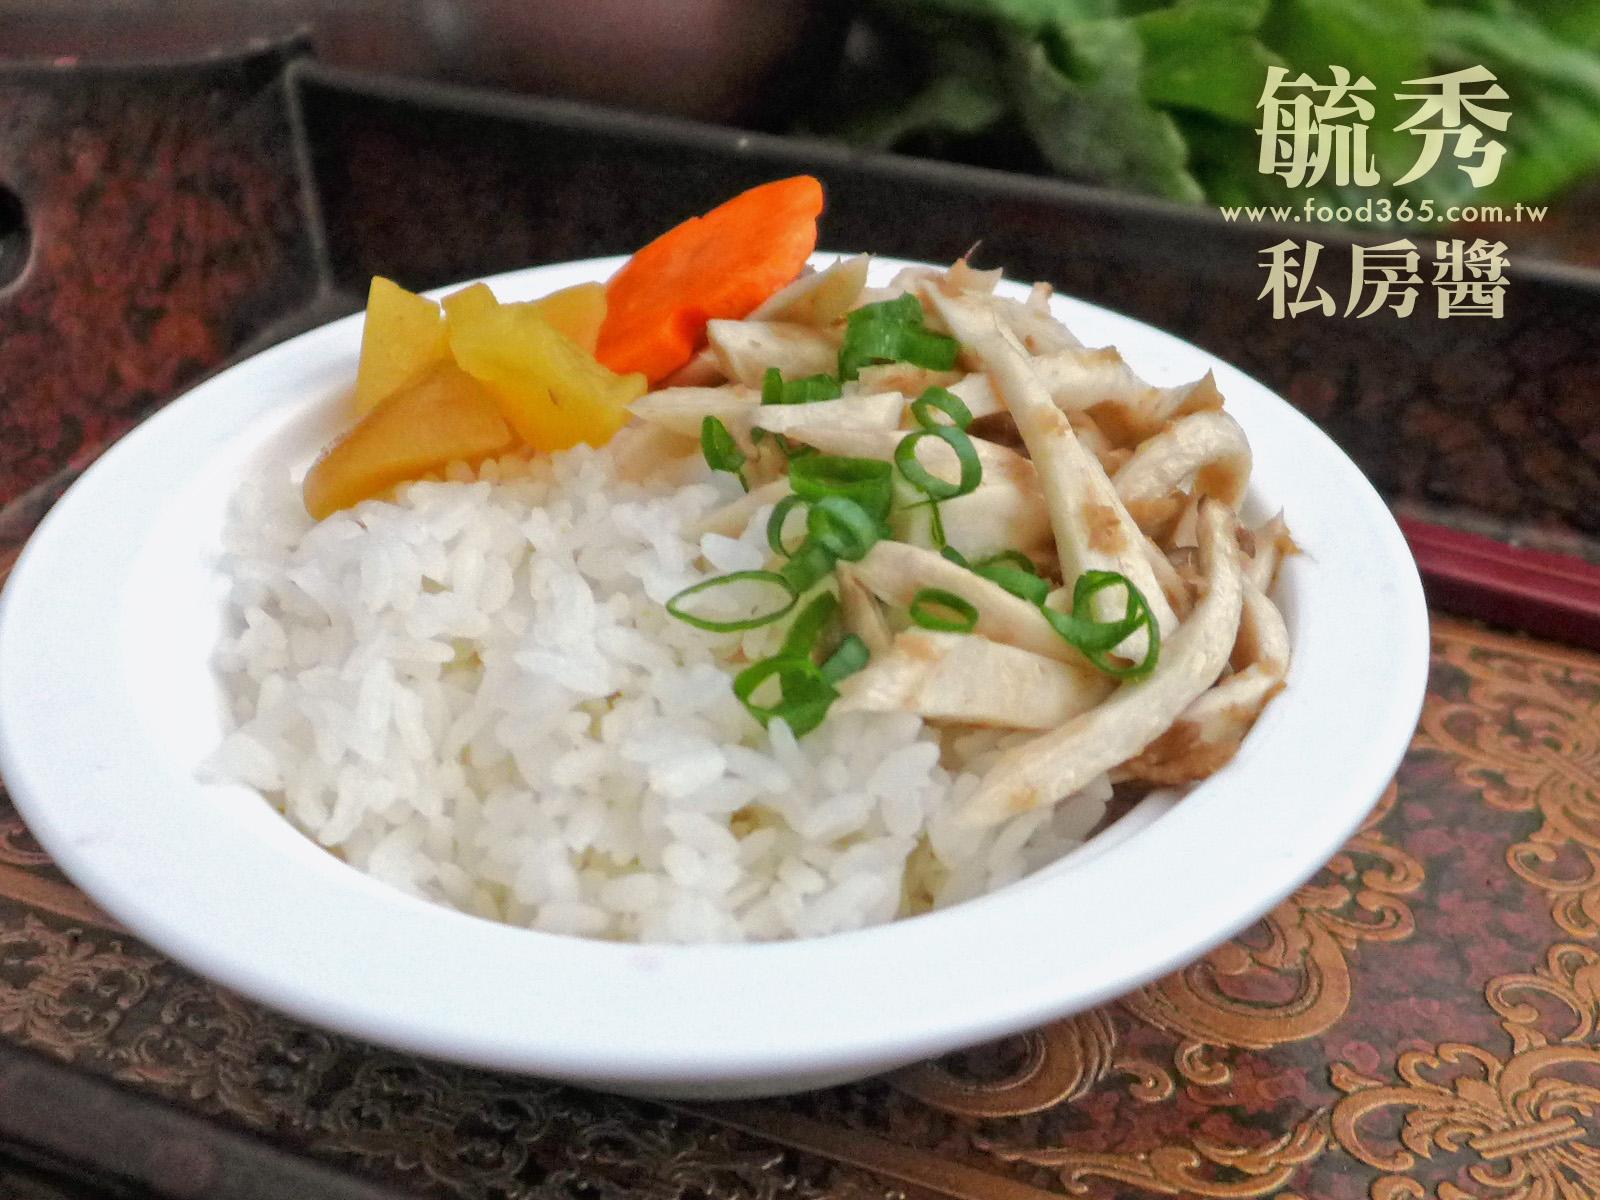 素食-G肉飯【麻油薑泥】